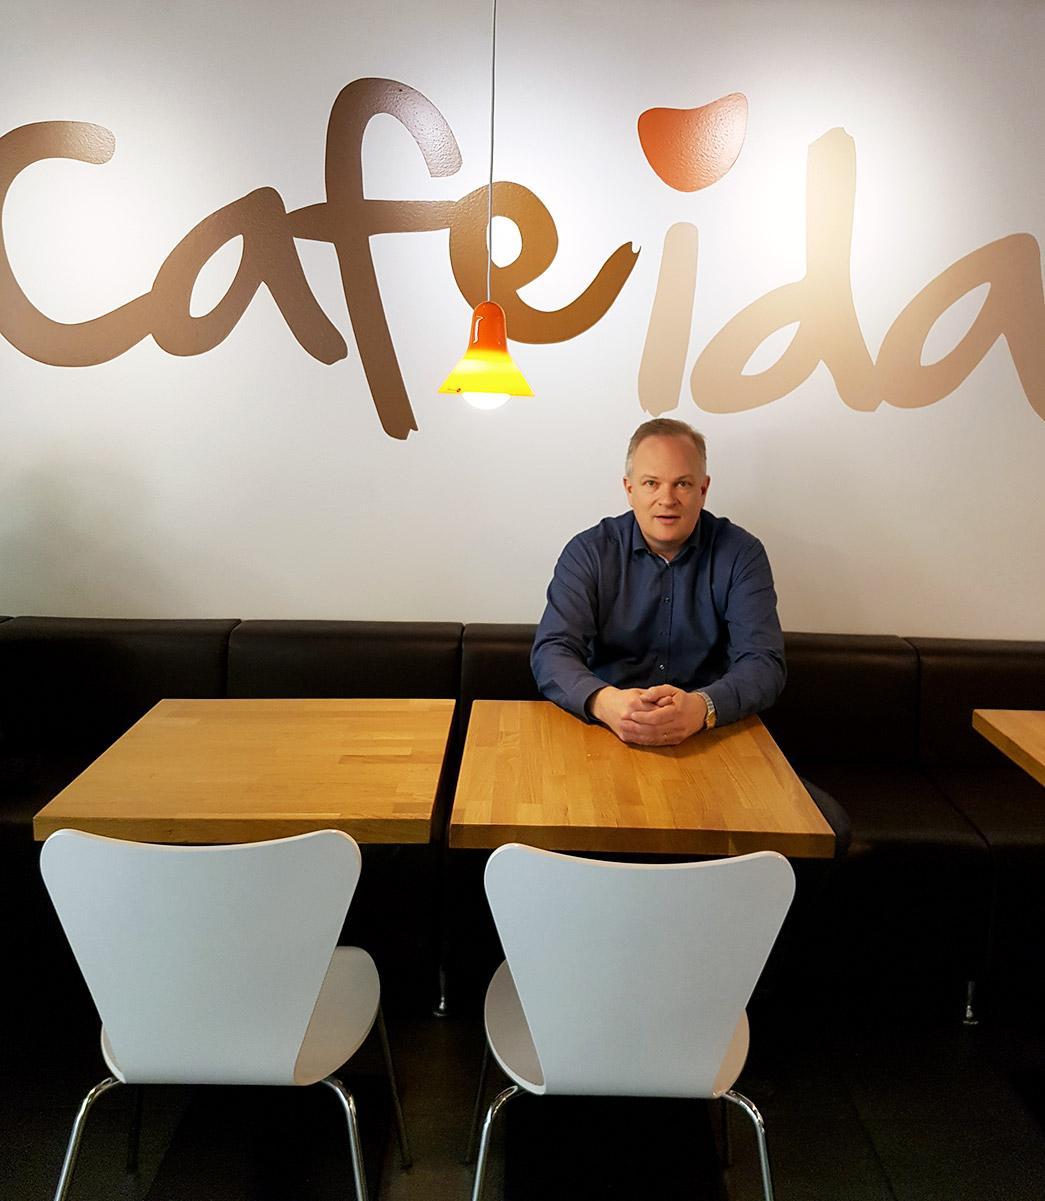 Cafe-Ida